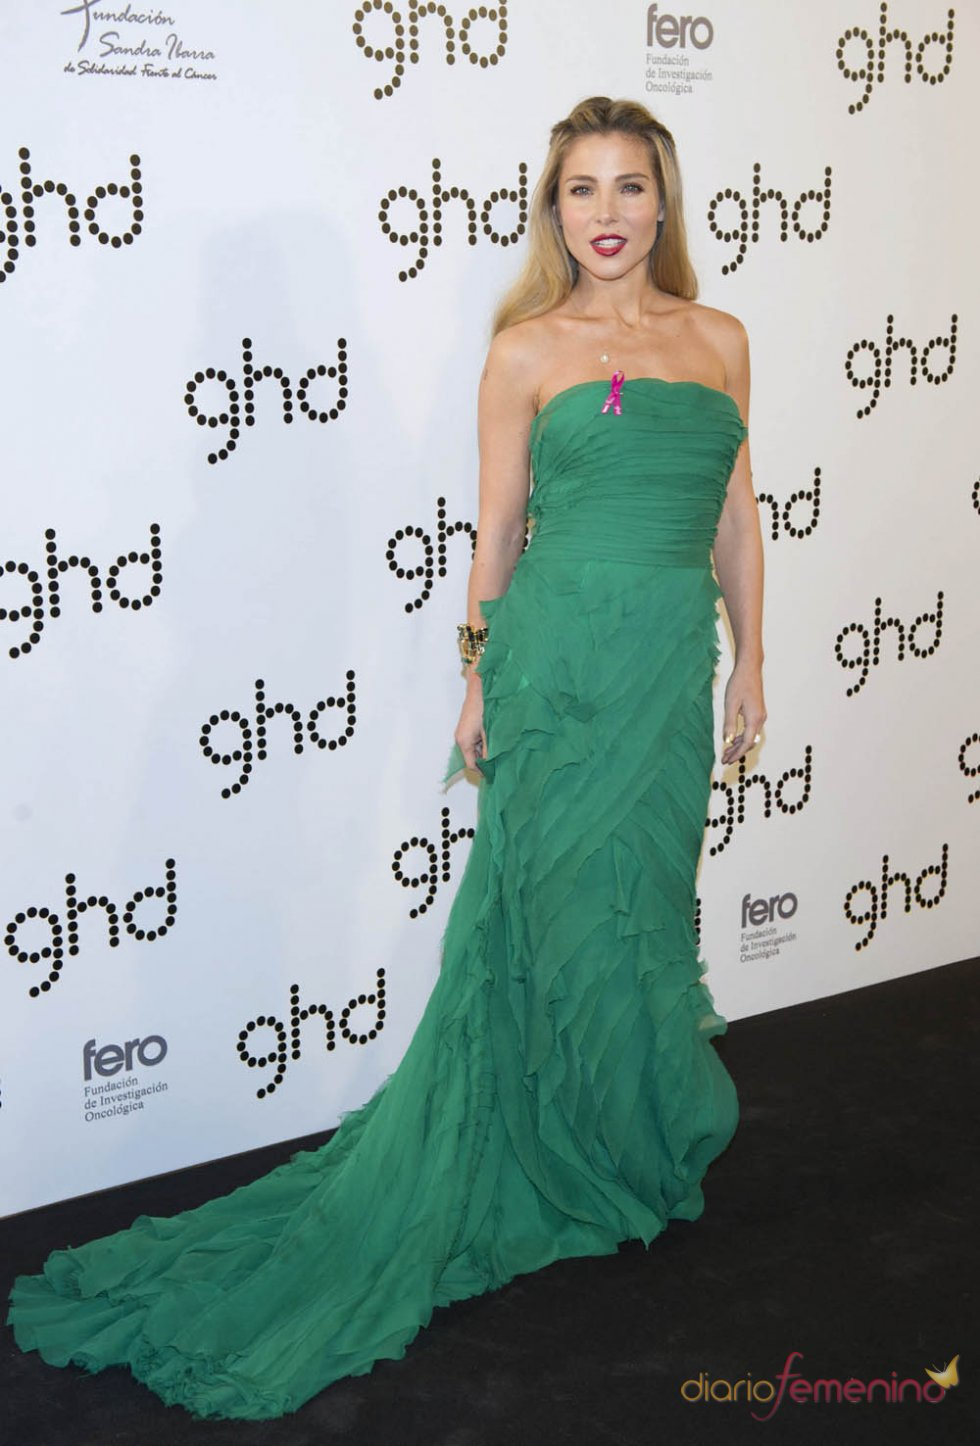 Elsa Pataky luce vestido largo de fiesta para acto de la firma GHD